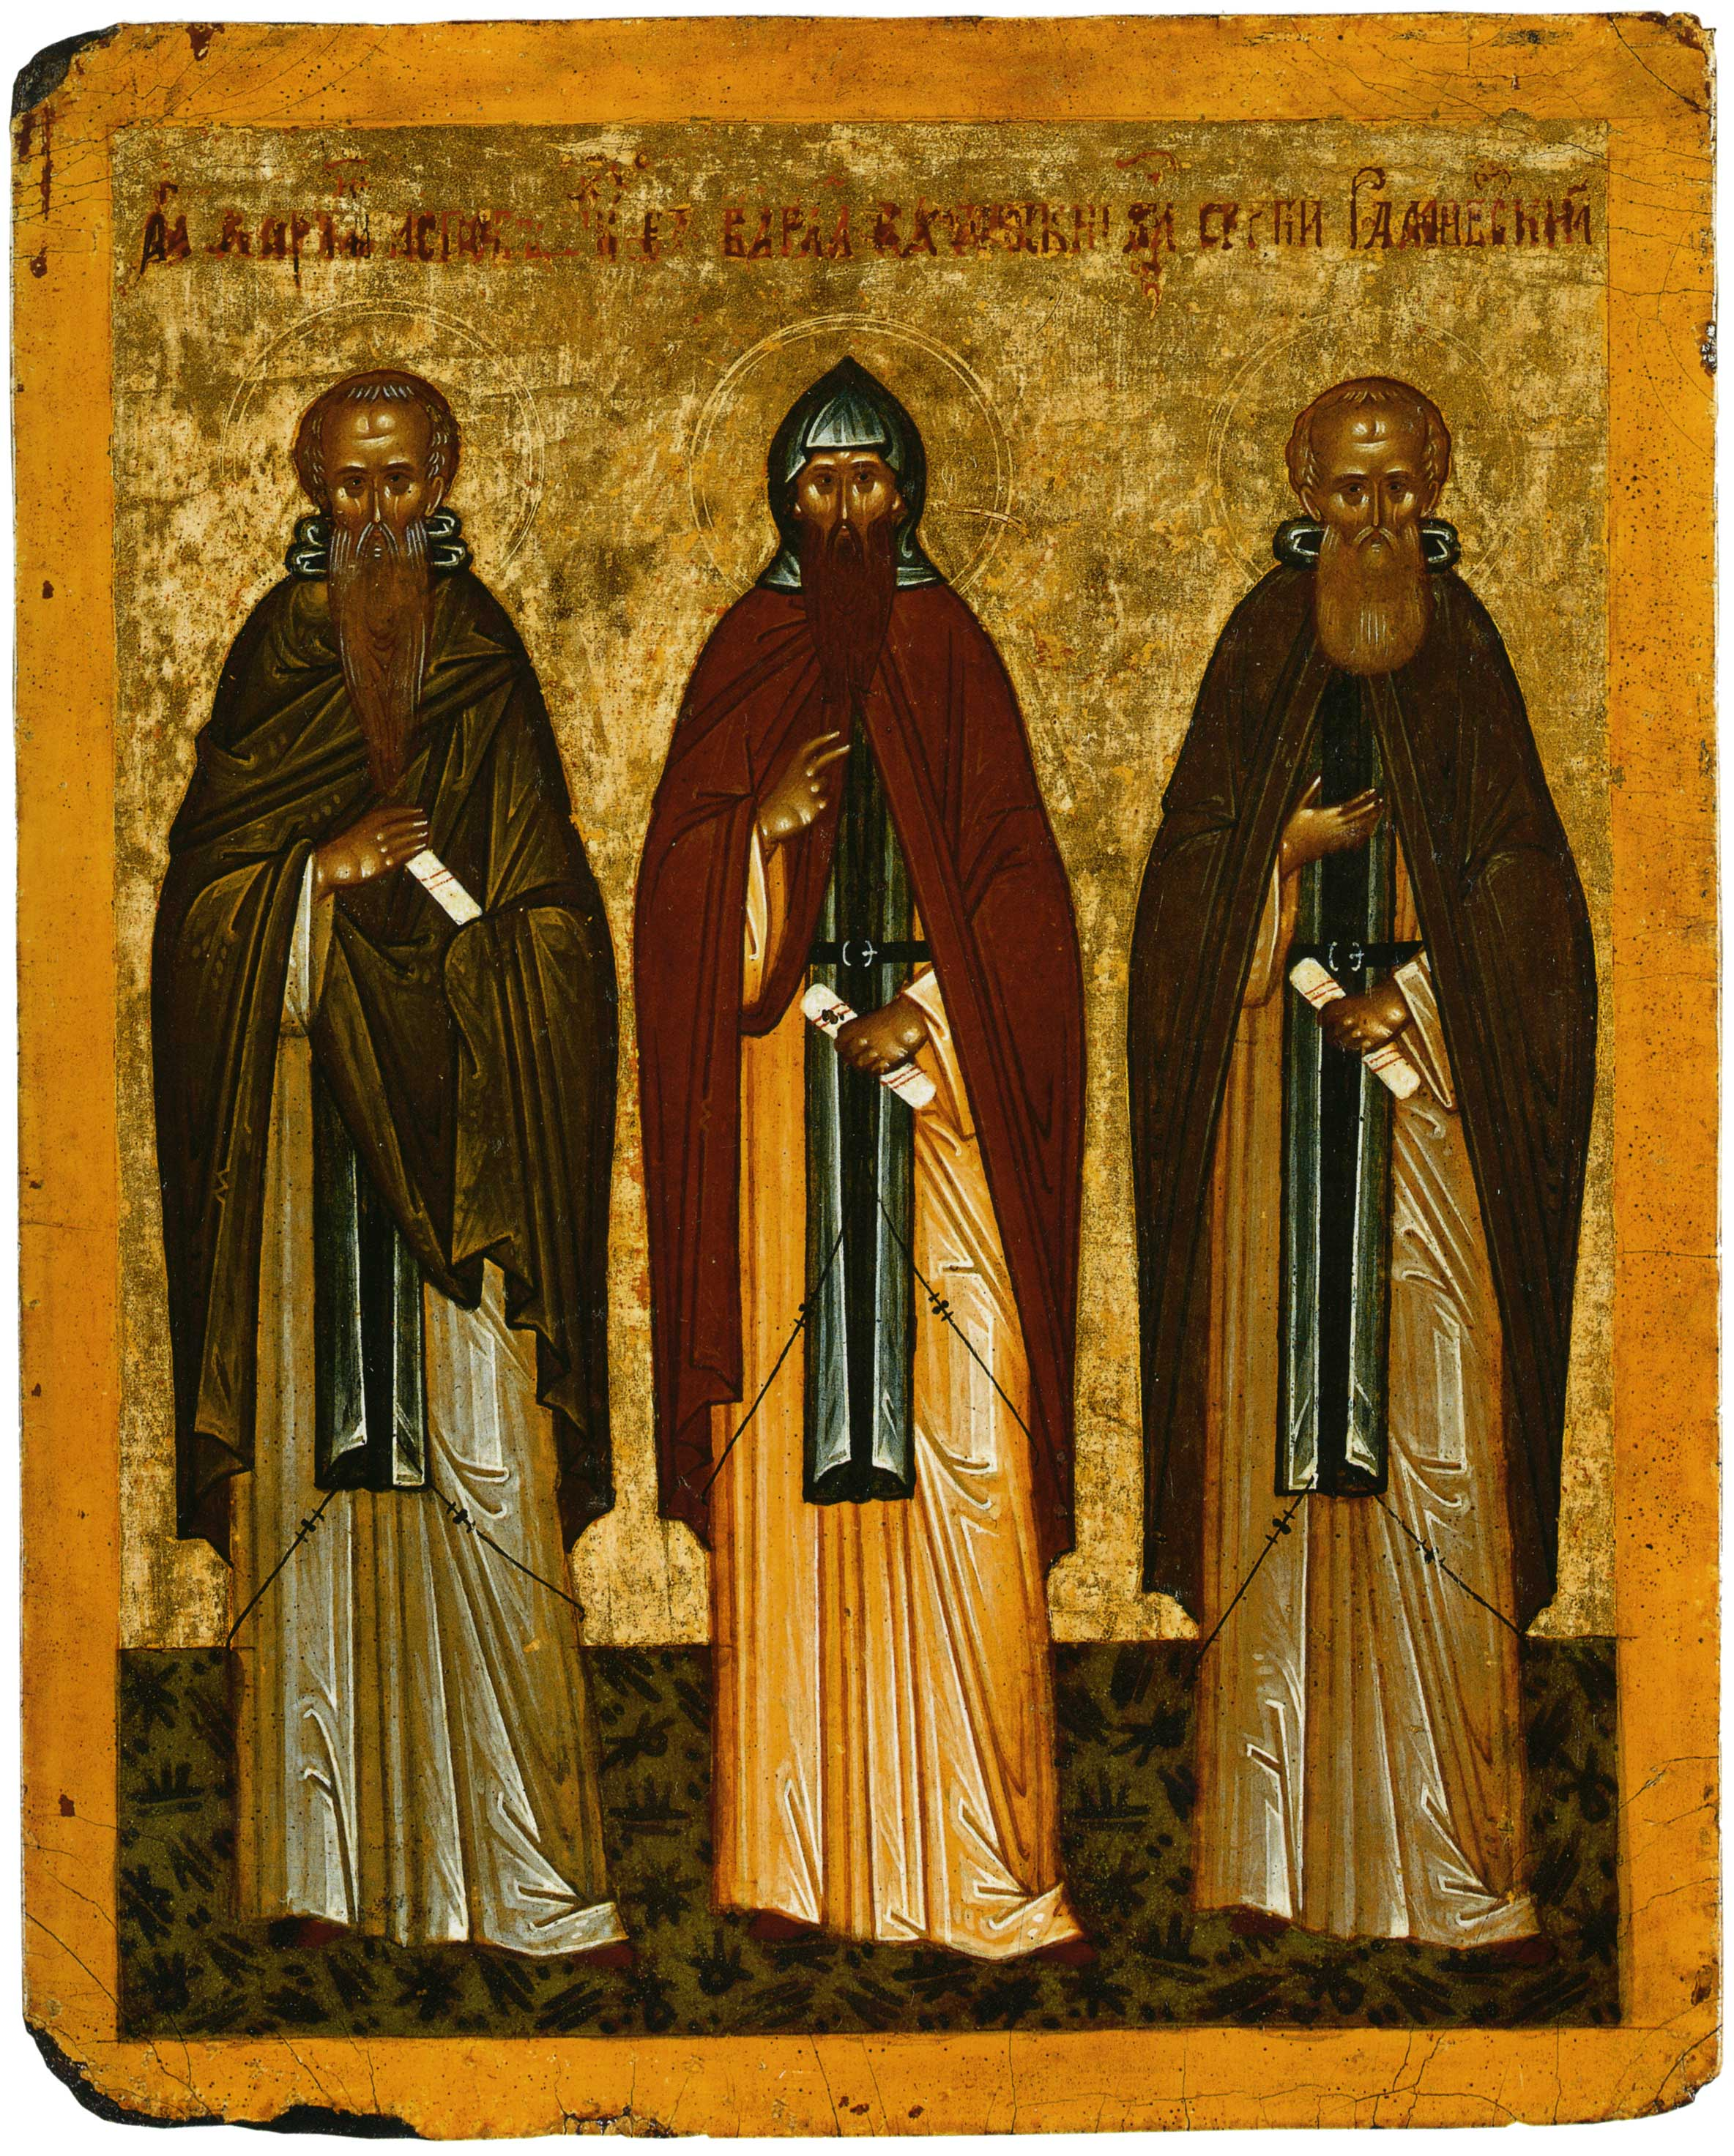 Chariton der Bekenner, Warlaam — Abt von Chutin, Sergij von Radonezh